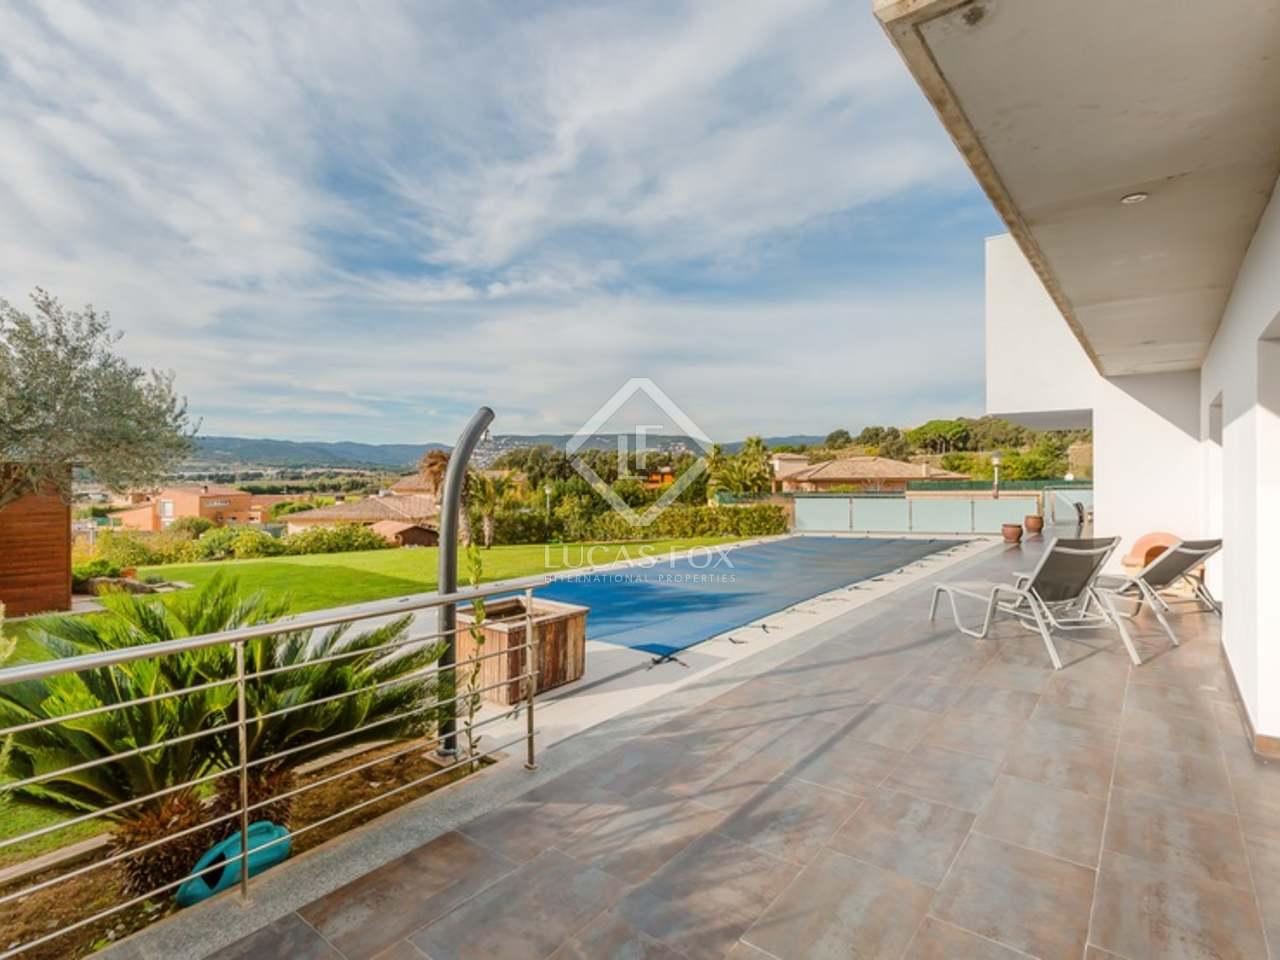 Villa en venta en calonge cerca de la bah a de palam s - Apartamentos en venta en palamos ...